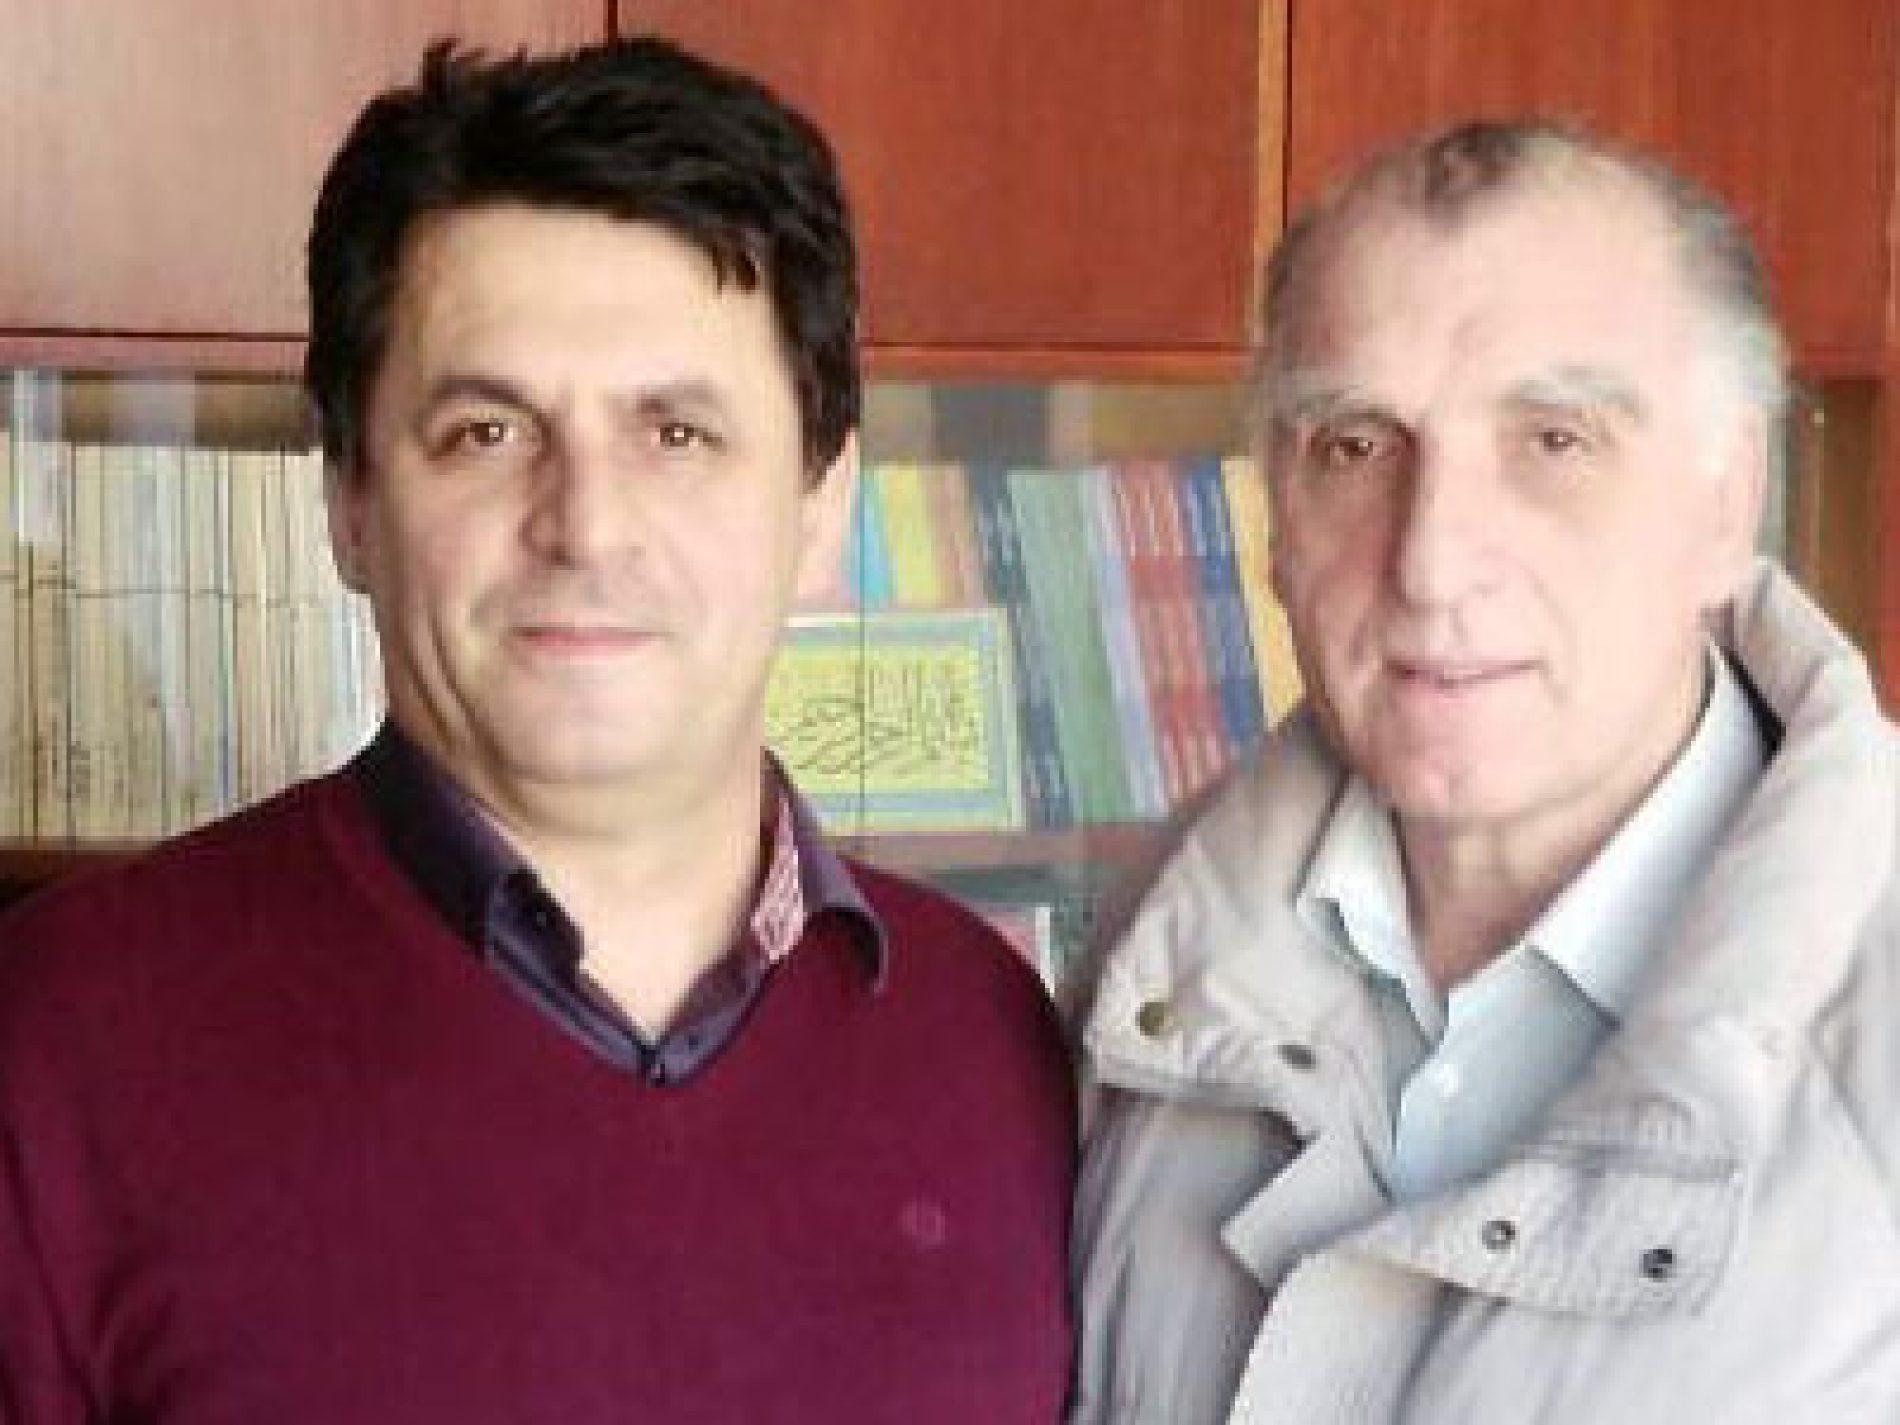 """Prof.dr. Šemso Tucaković : Nezainteresiranost bosanske elite susjedi vješto koriste u """"razvlačenju pameti"""" bosanskohercegovačkih ljudi"""